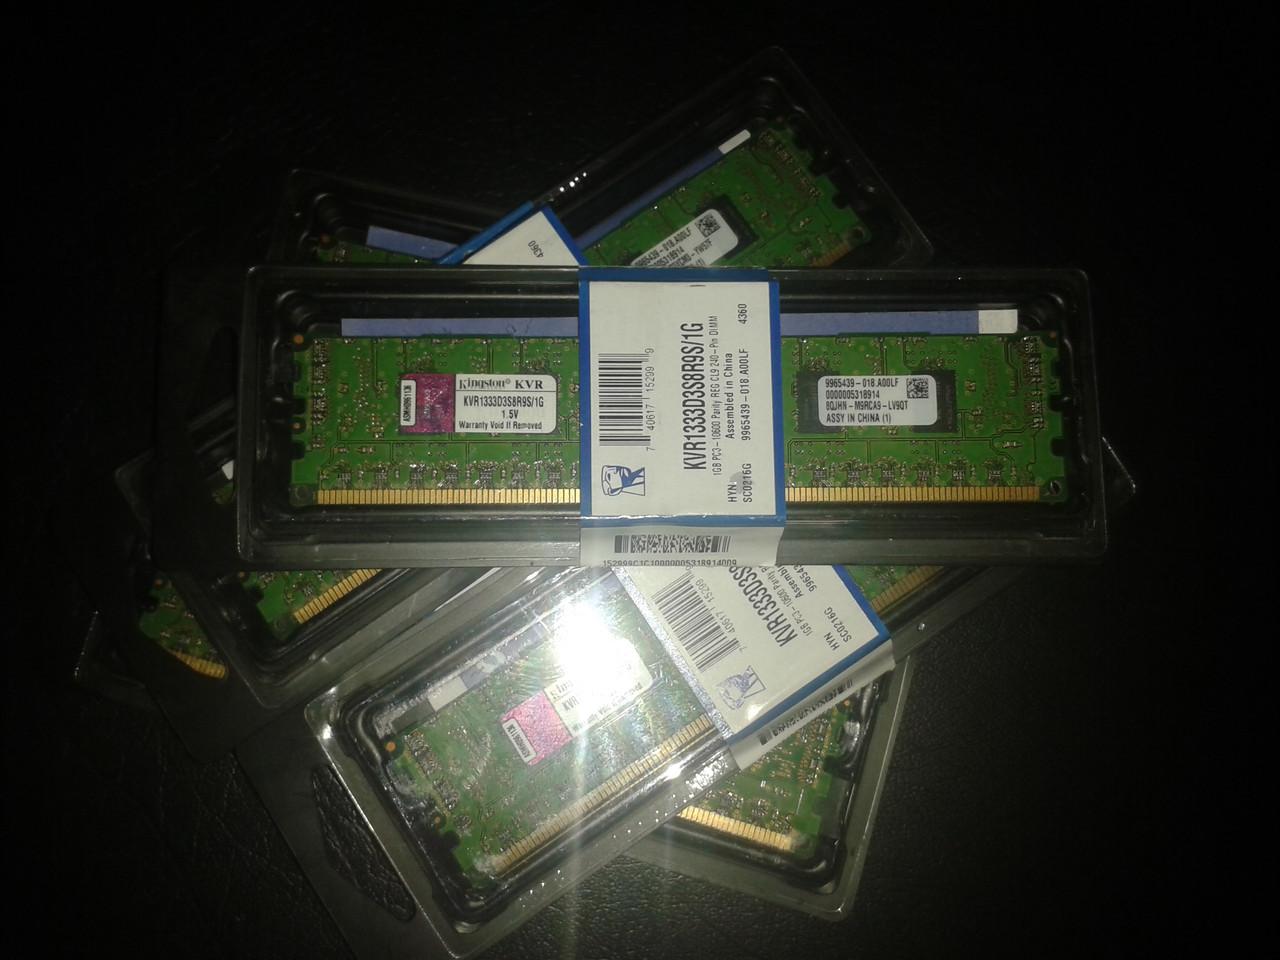 Модуль памяти Kingston, KVR1333D3S8R9S/1G, DDR3 PC-10600 1333MHz, ECC, для сервера